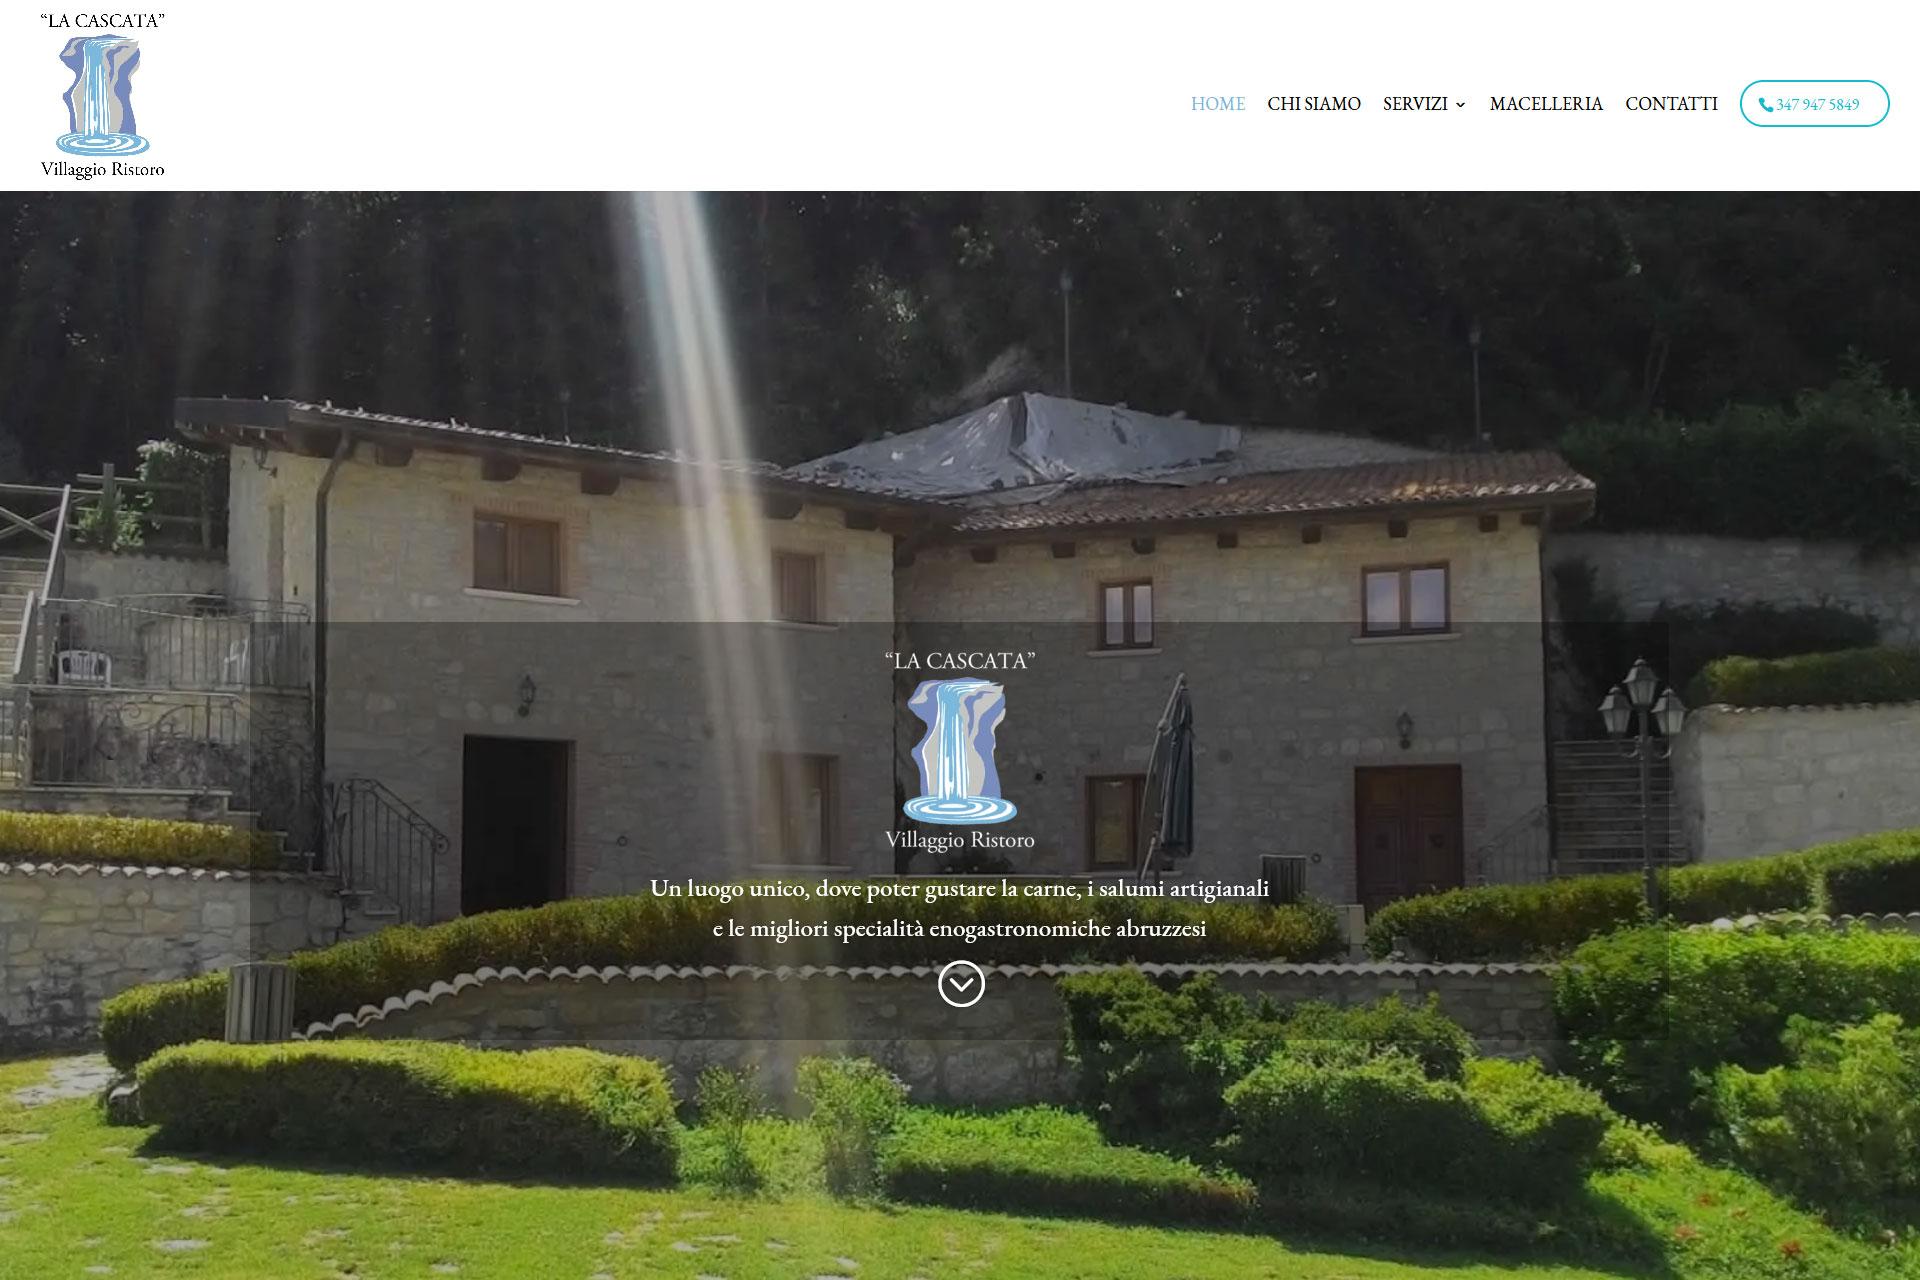 Villaggio Ristoro La Cascata Sito Web